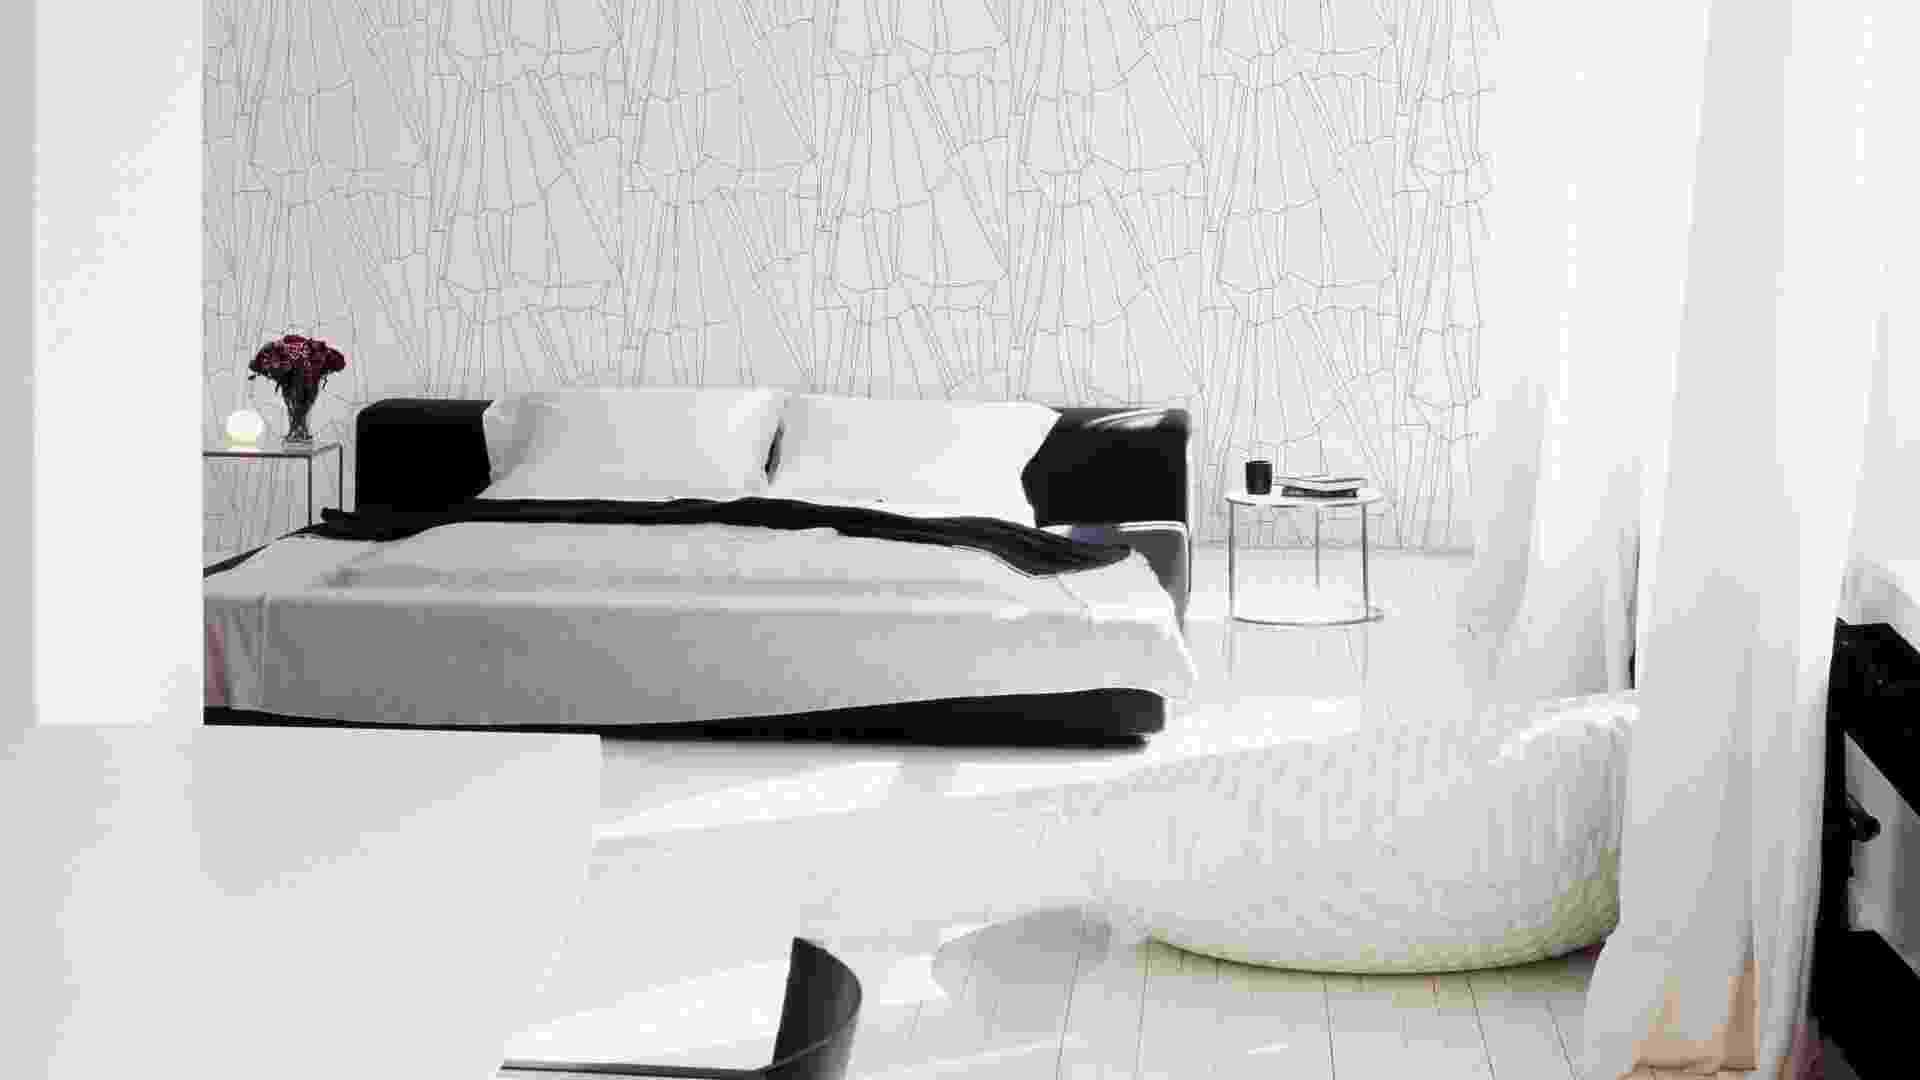 O papel de parede da coleção Olivier Strell está à venda na Wallpaper (www.wallpaper.com.br) por R$ 356 (o rolo de 10 m com 53 cm de largura). Preços pesquisados em maio/junho de 2012 e sujeitos a alterações - Divulgação